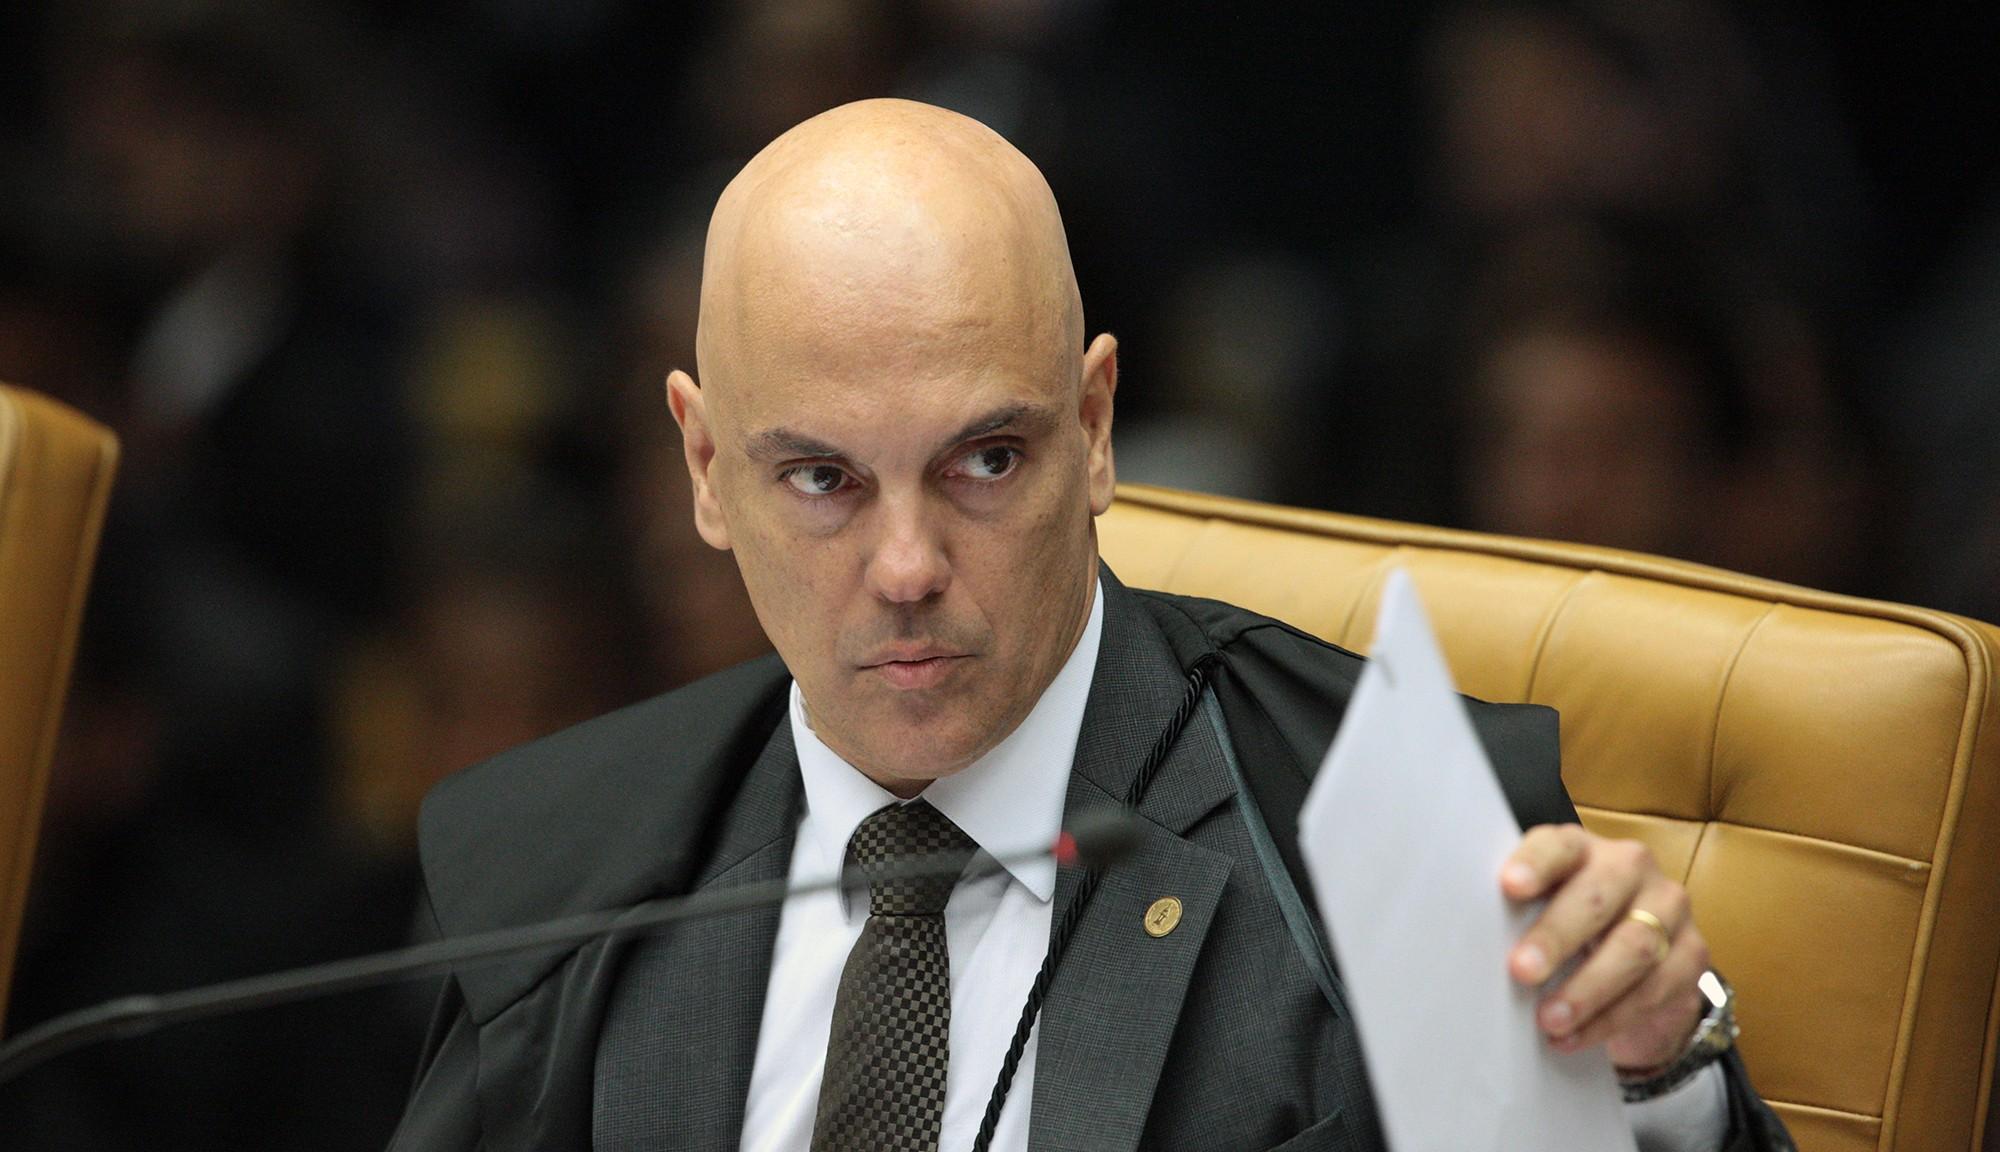 O ministro Alexandre Moraes na sessão de julgamento do habeas corpus